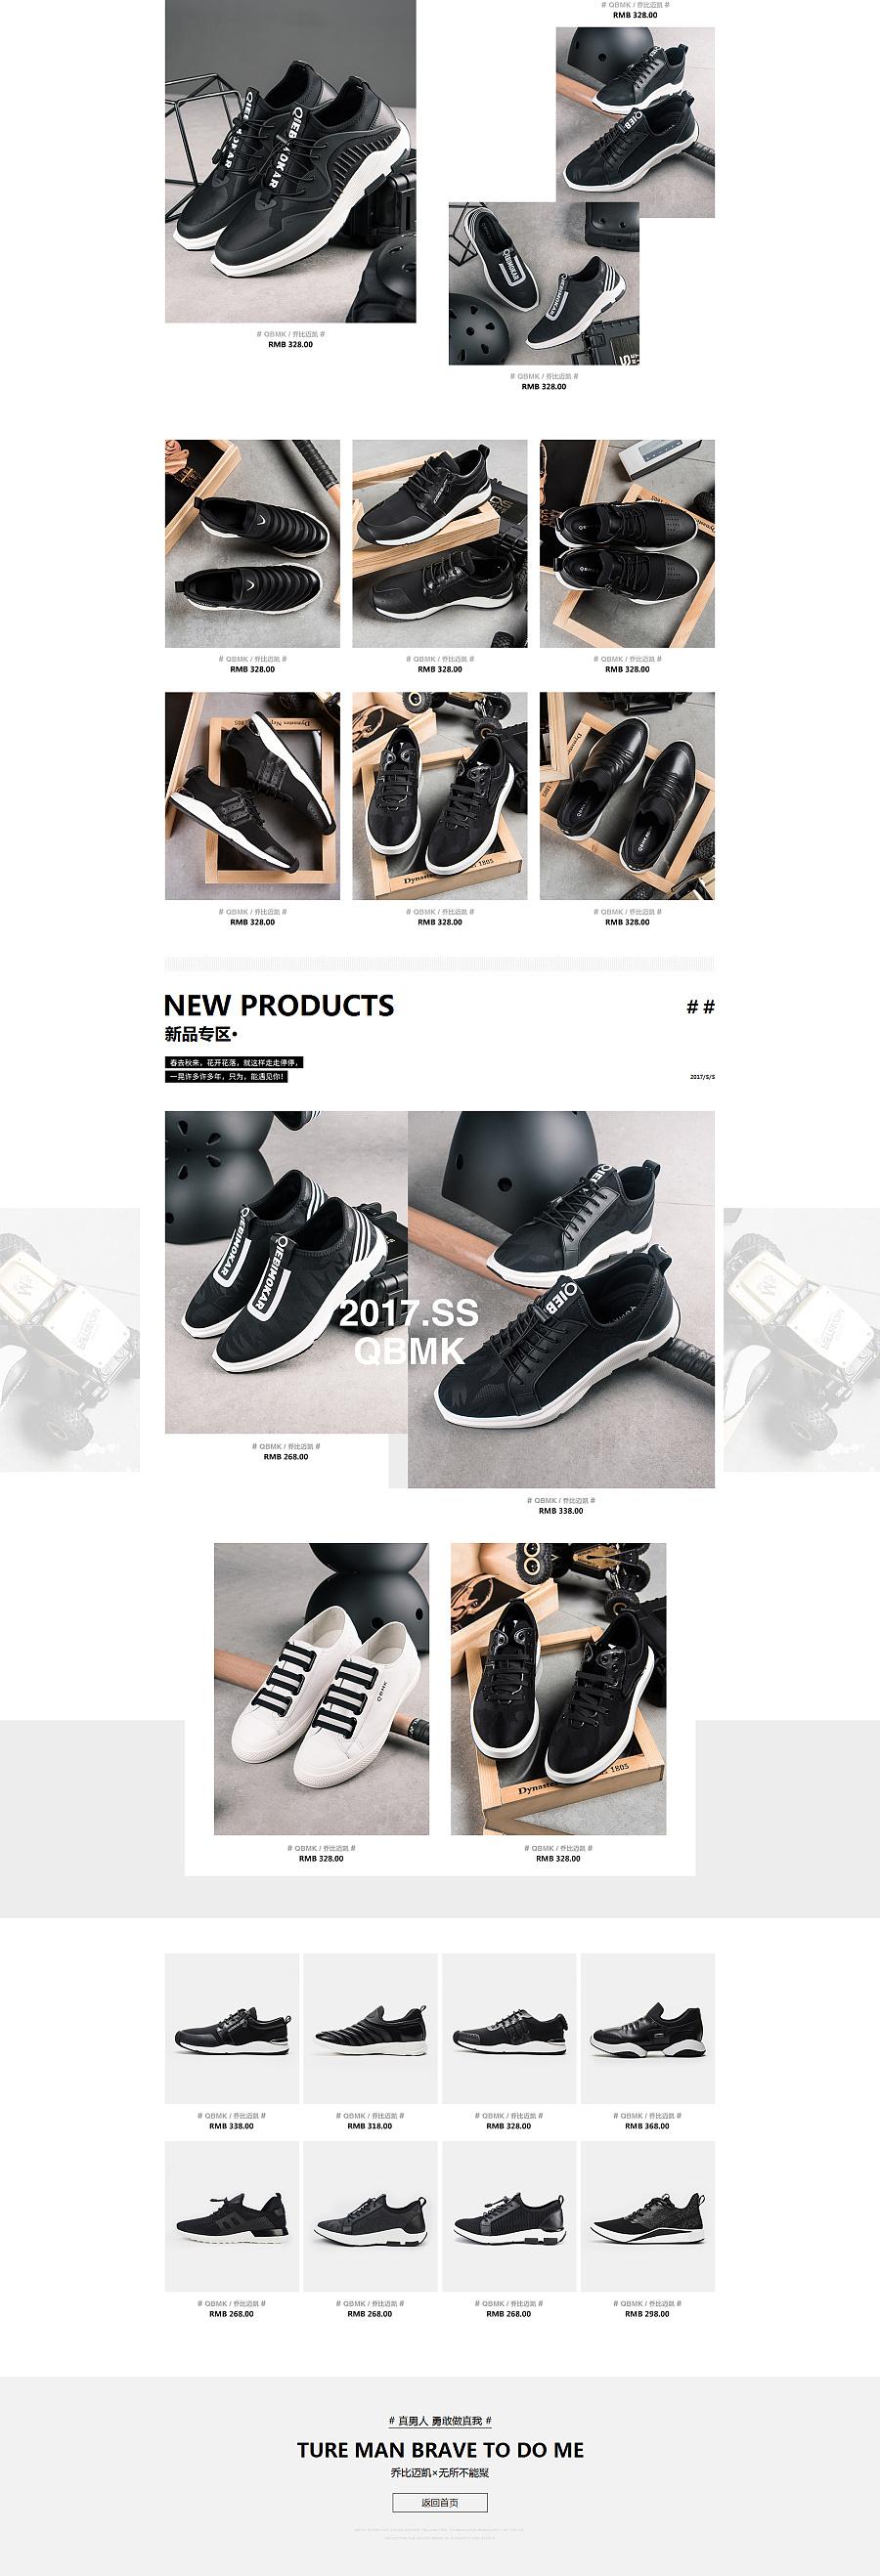 查看《【首页】乔比迈凯男鞋男神节页面》原图,原图尺寸:1920x5623